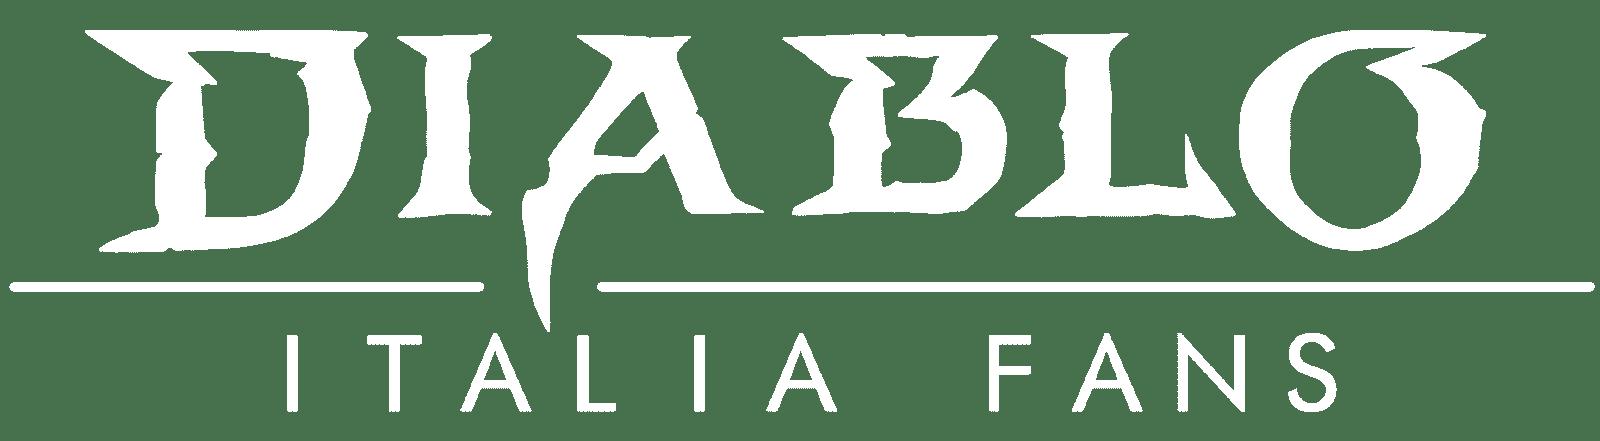 Diablo 4 Italia Fans